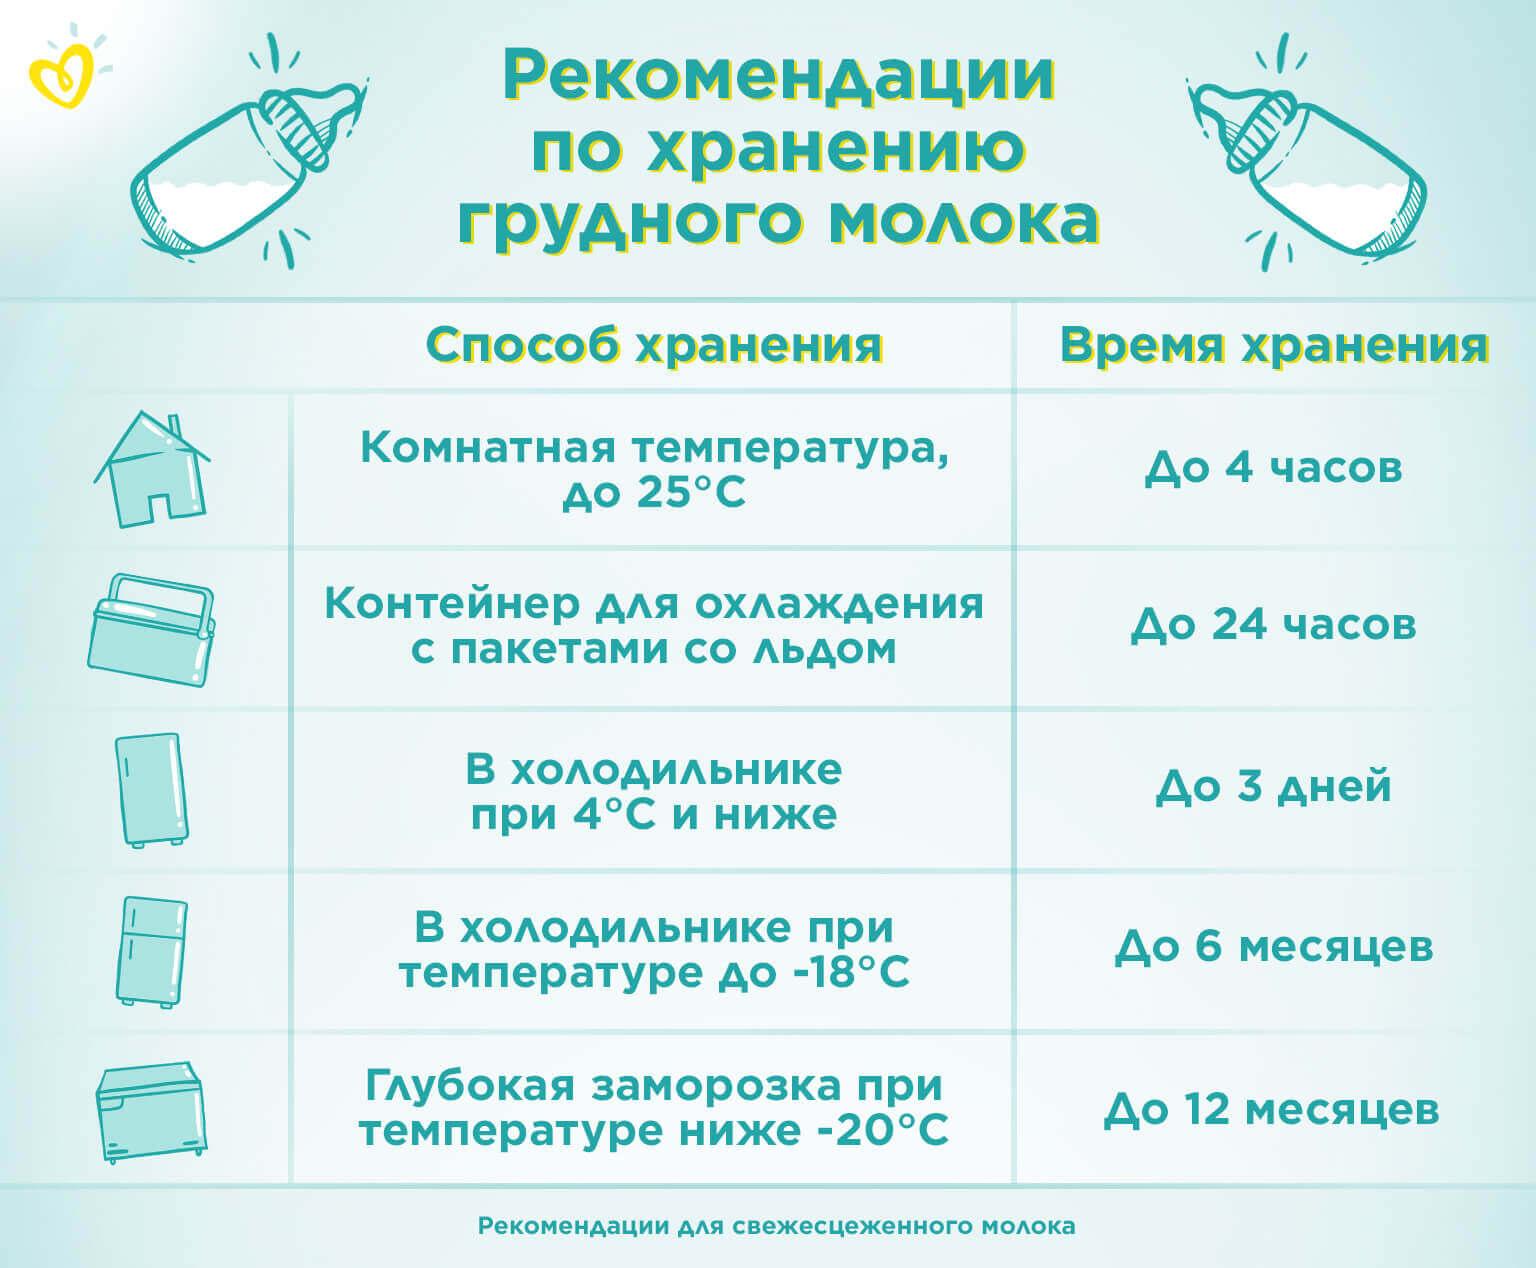 Сцеживание грудного молока, как правильно сцеживать: техника и советы. хранение сцеженного грудного молока